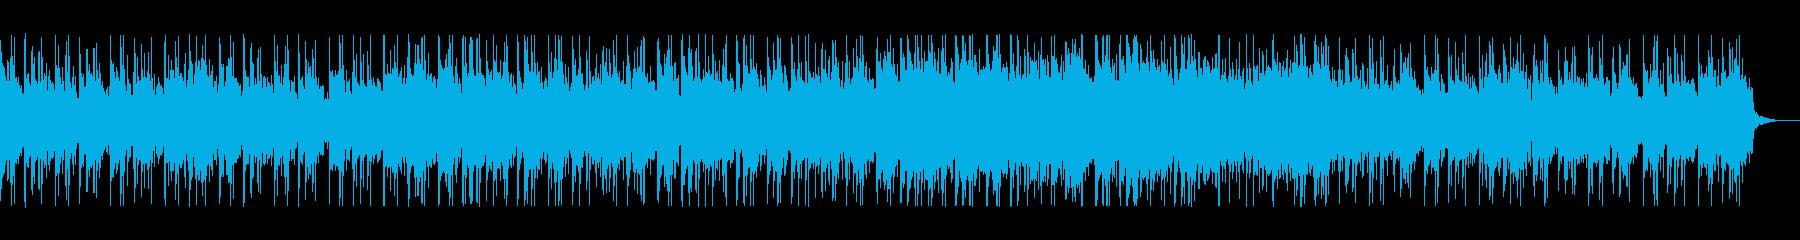 シンセが印象的なSFっぽいポップスの再生済みの波形